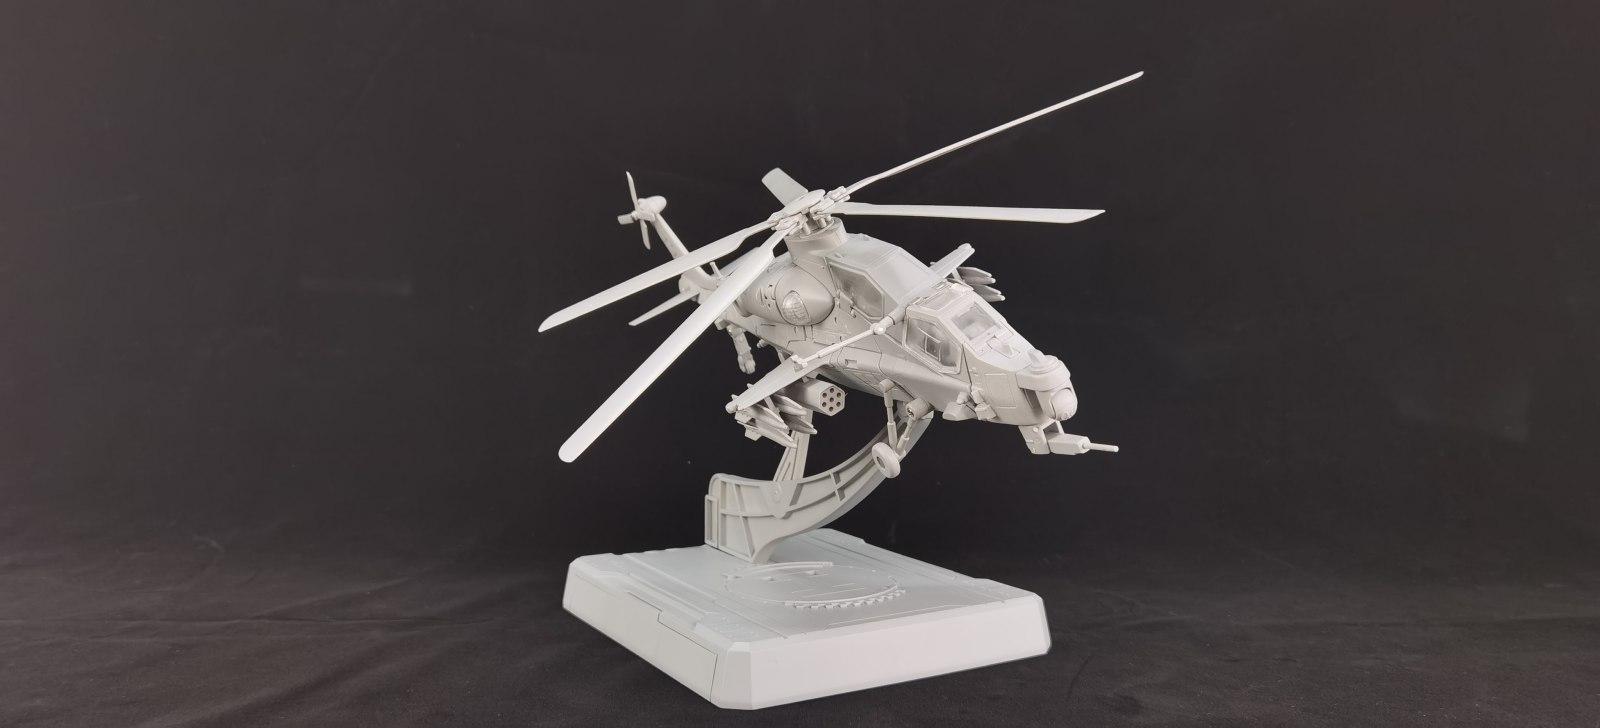 神机工业直升机可变机甲暗鸮灰模展出!预计今年Q3发售